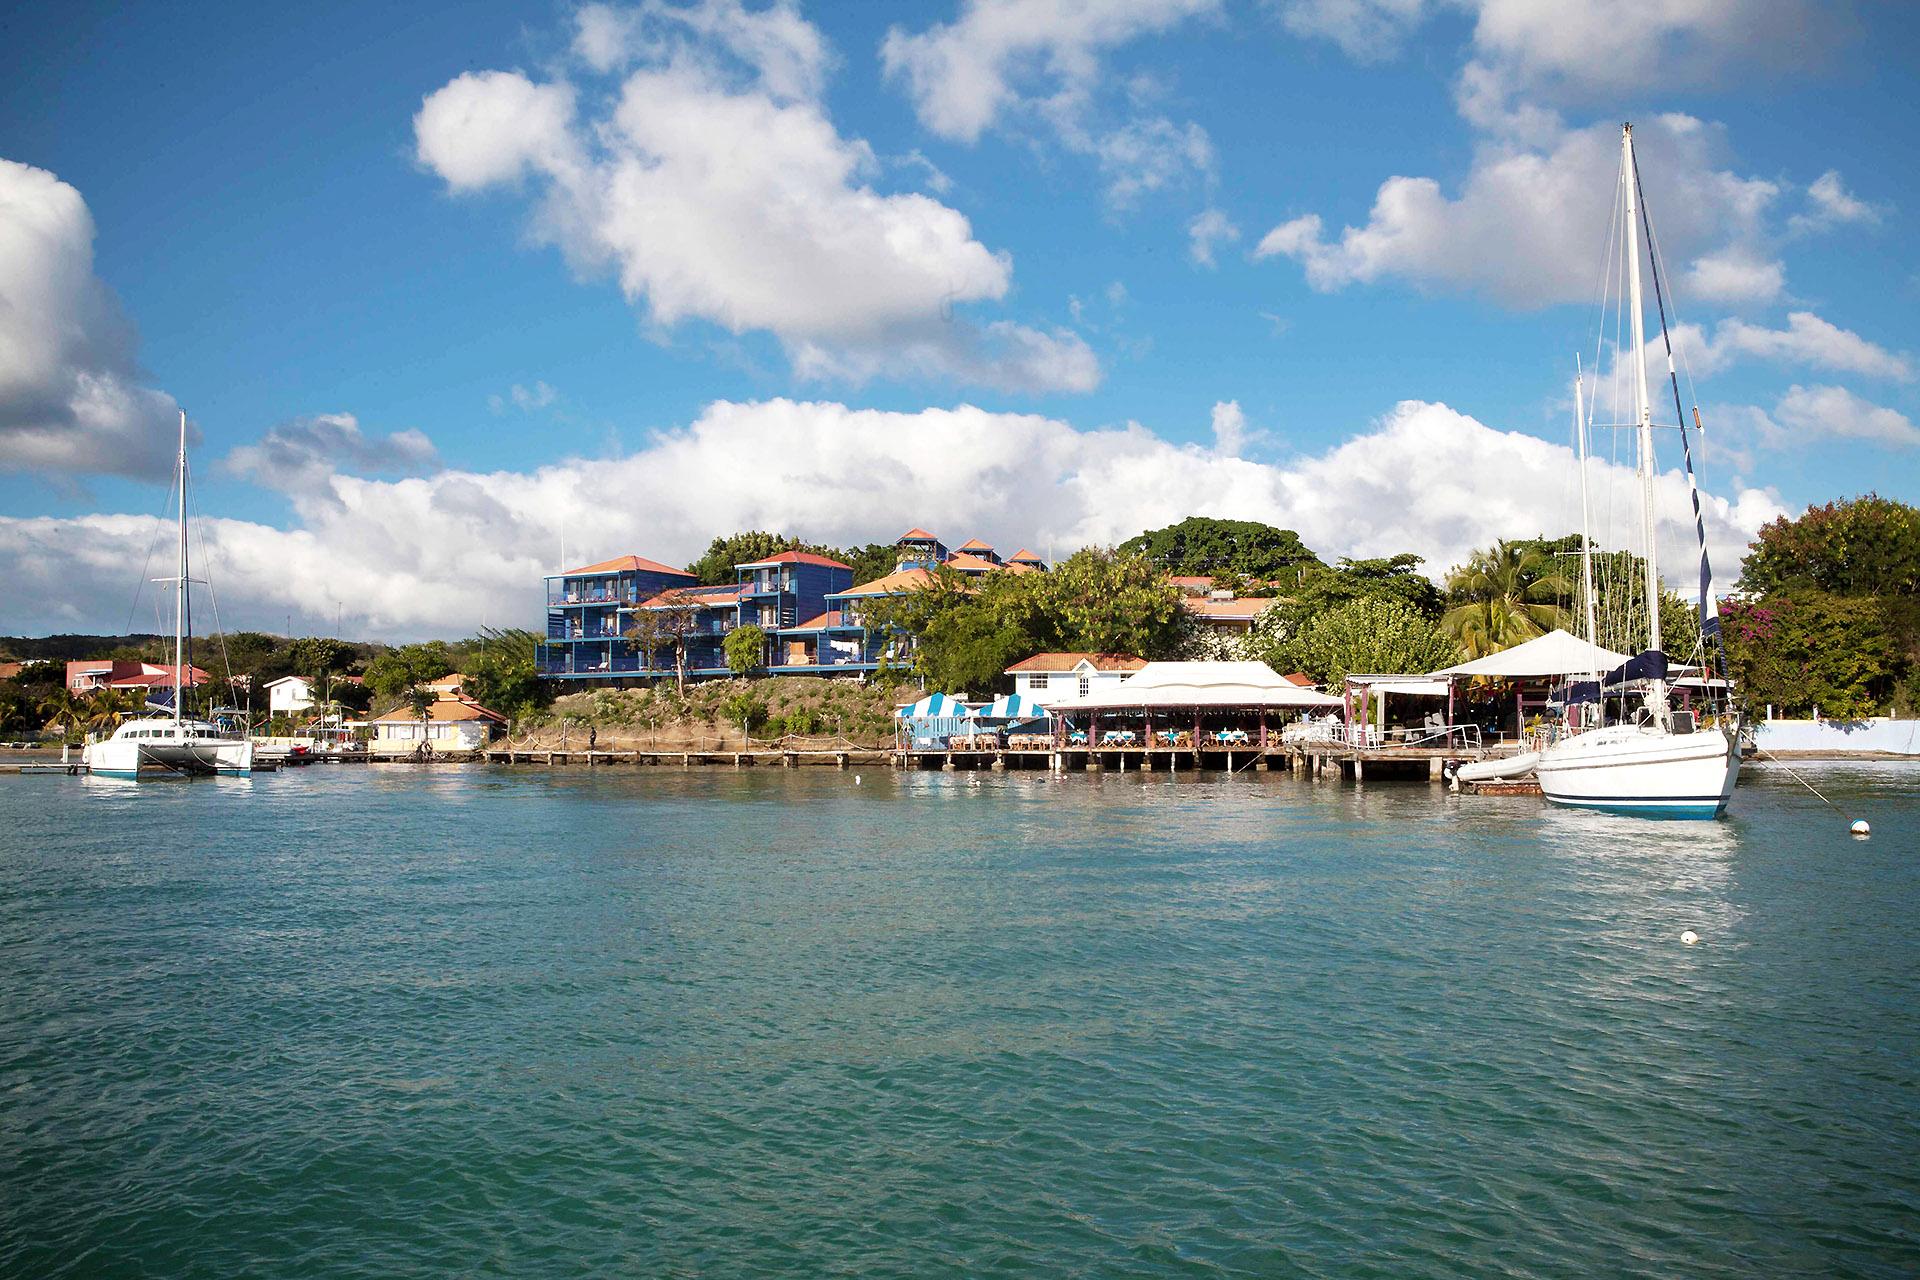 Noleggio Barche True Blue Bay - Navalia | Noleggia un Sogno